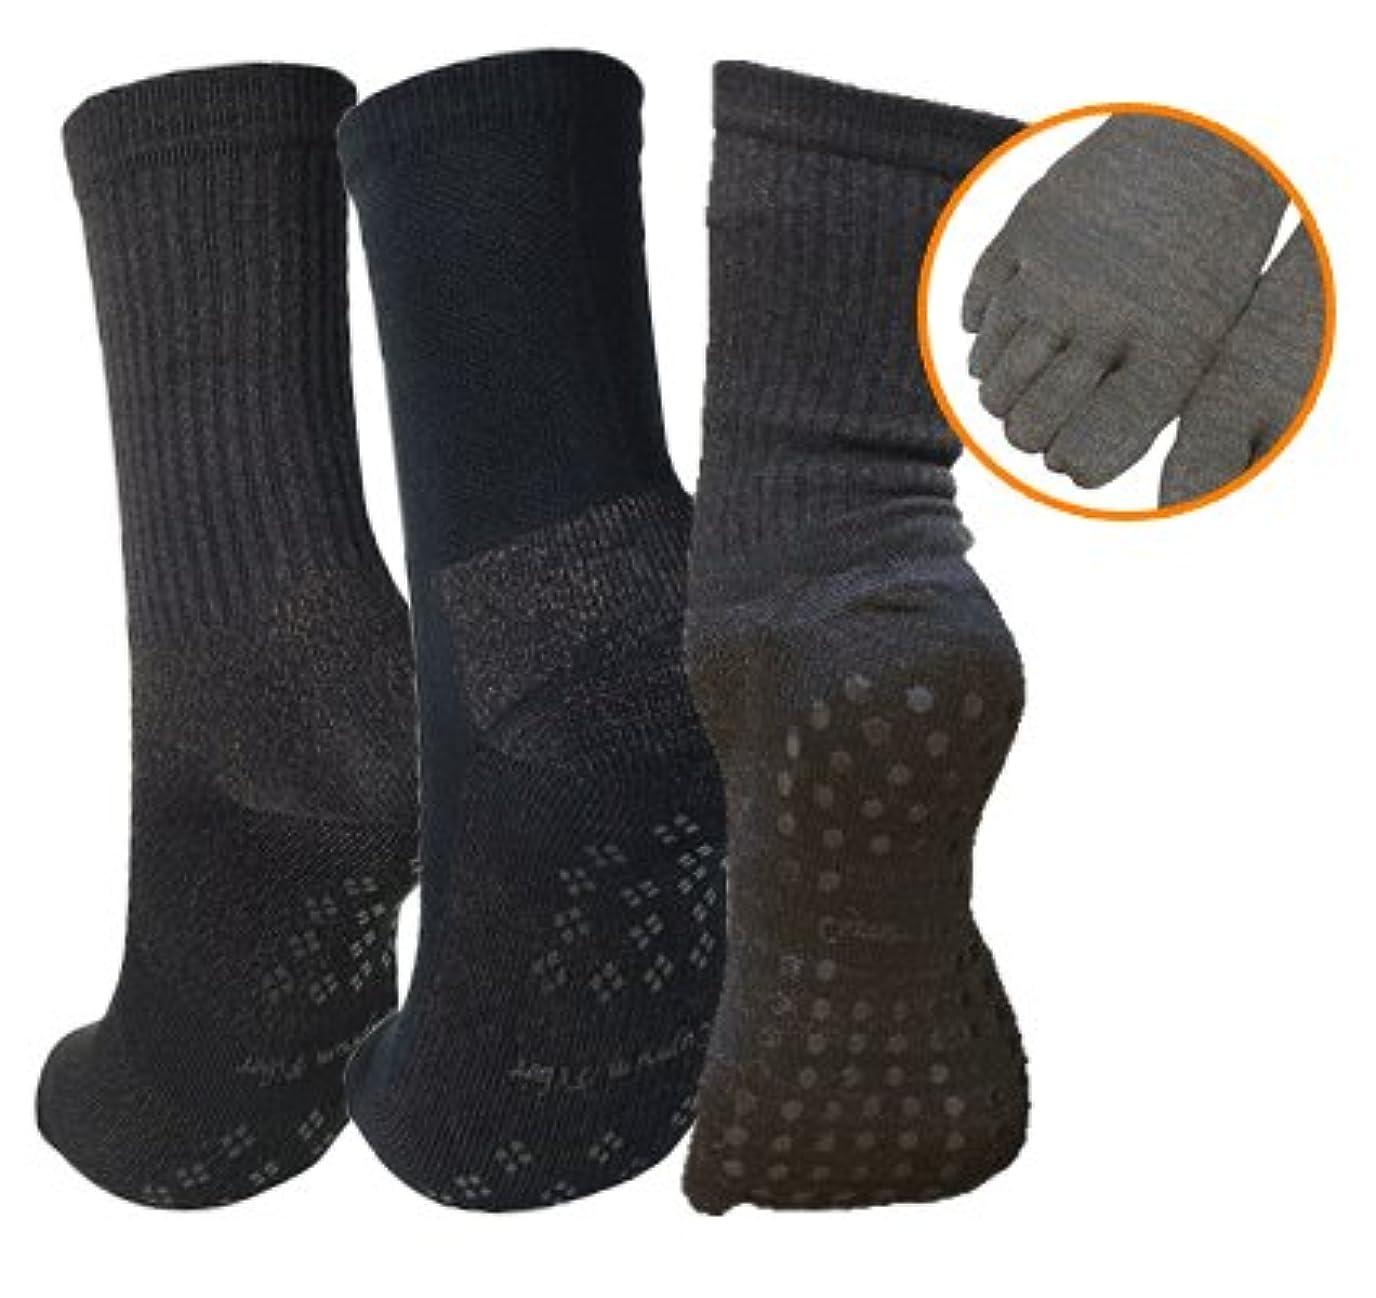 クローゼットバラバラにする刈る銅繊維靴下「足もとはいつも青春」 女性専用お得お試し3点セット 【しもやけ対策に】